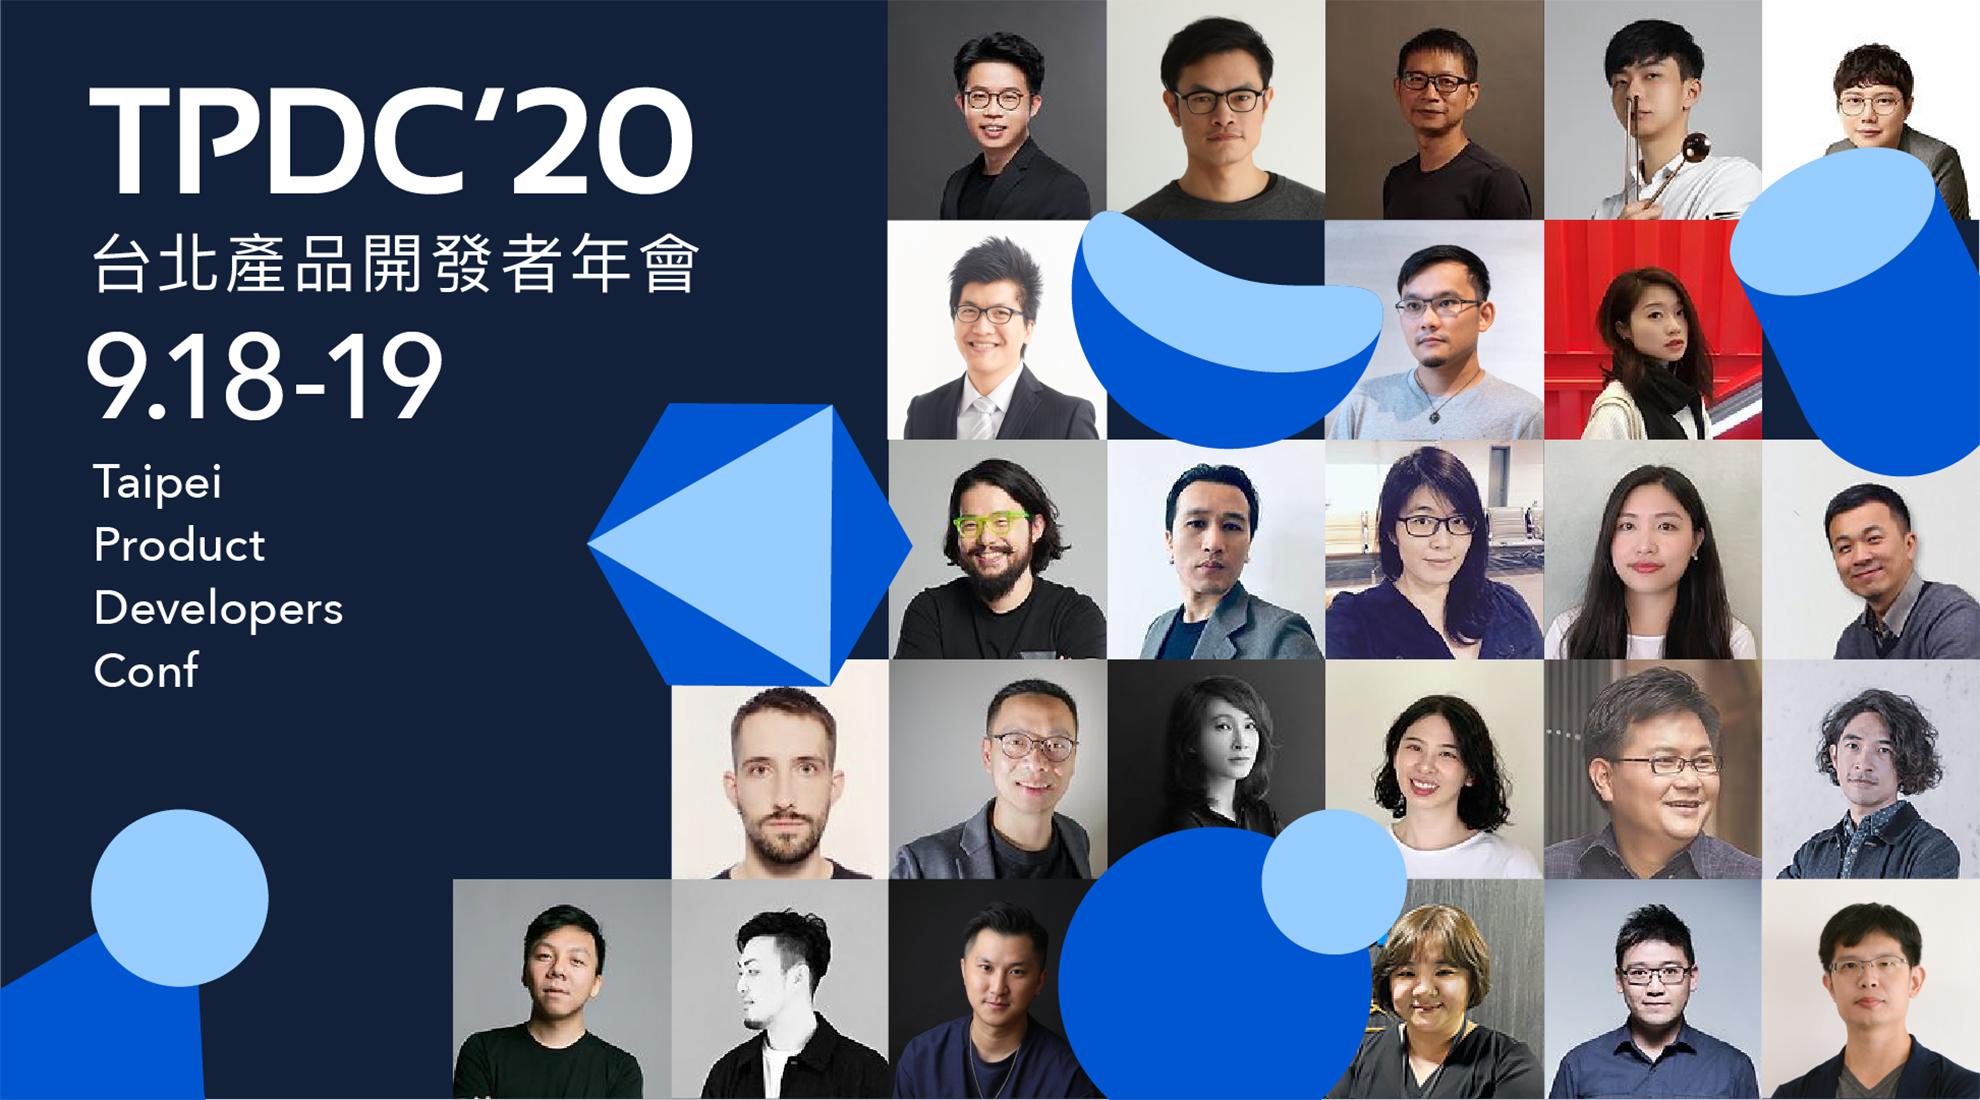 TPDC'20 台北產品開發者年會圖片